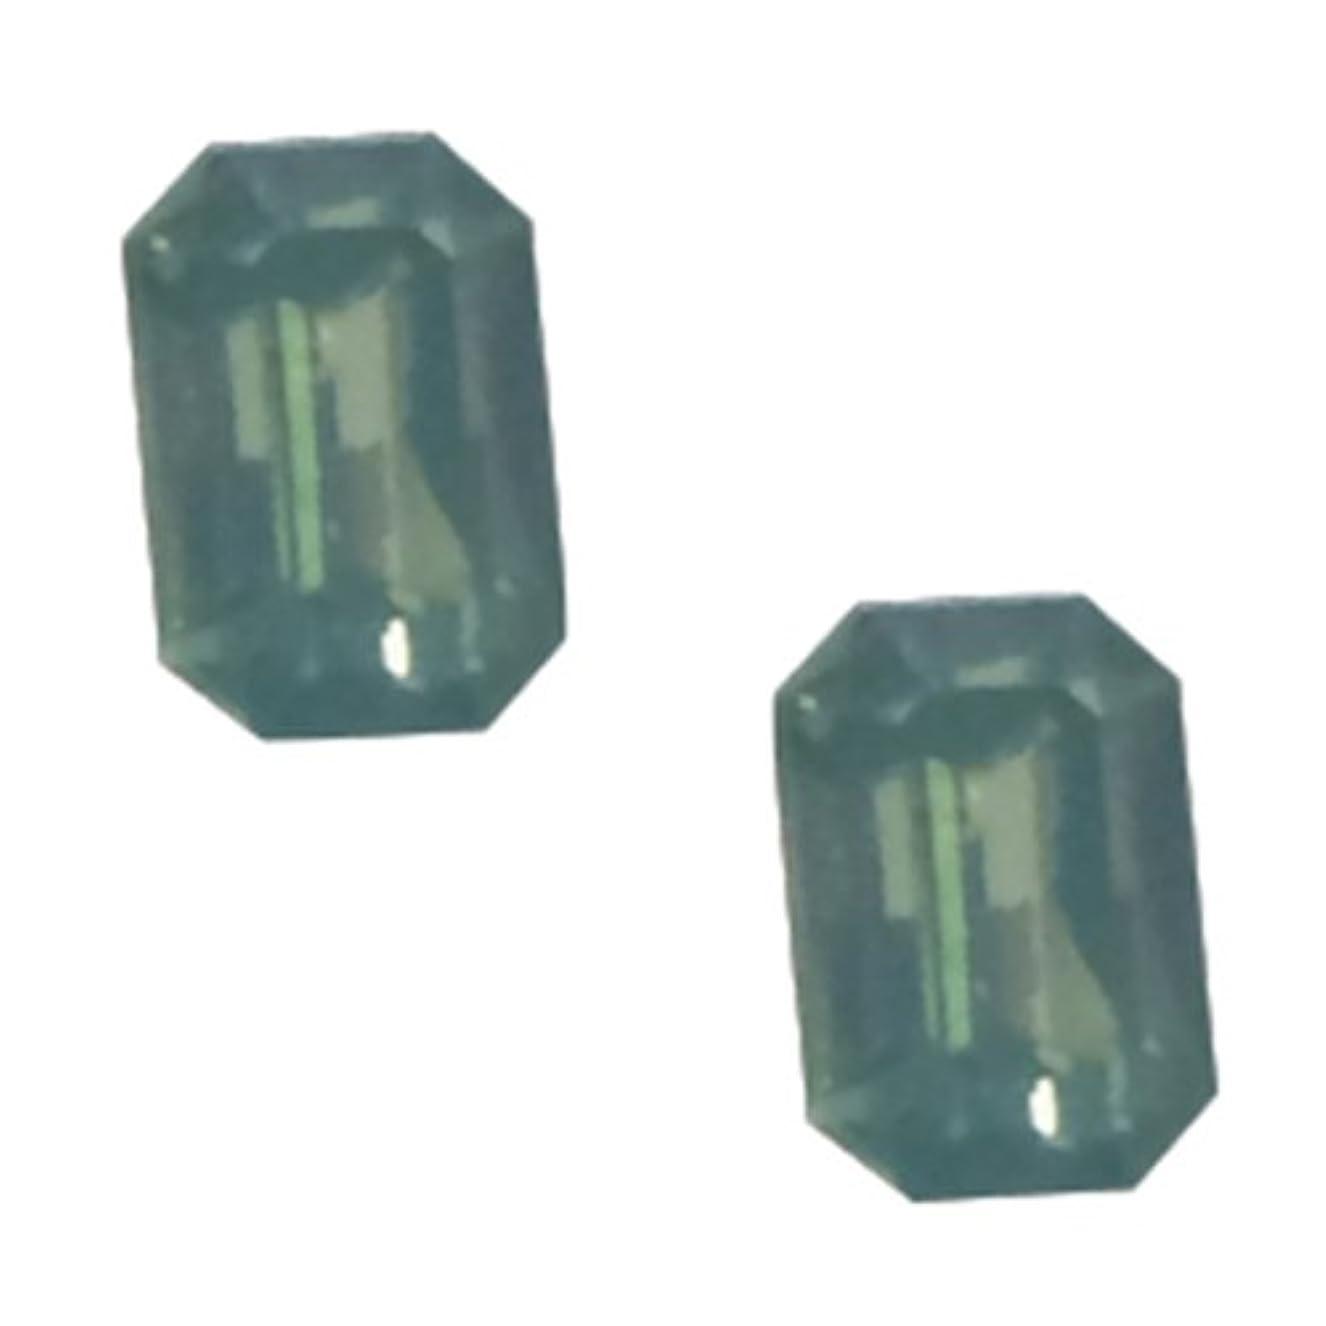 宣言する上院議員病POSH ART ネイルパーツ長方形型 4*6mm 10P グリーンオパール